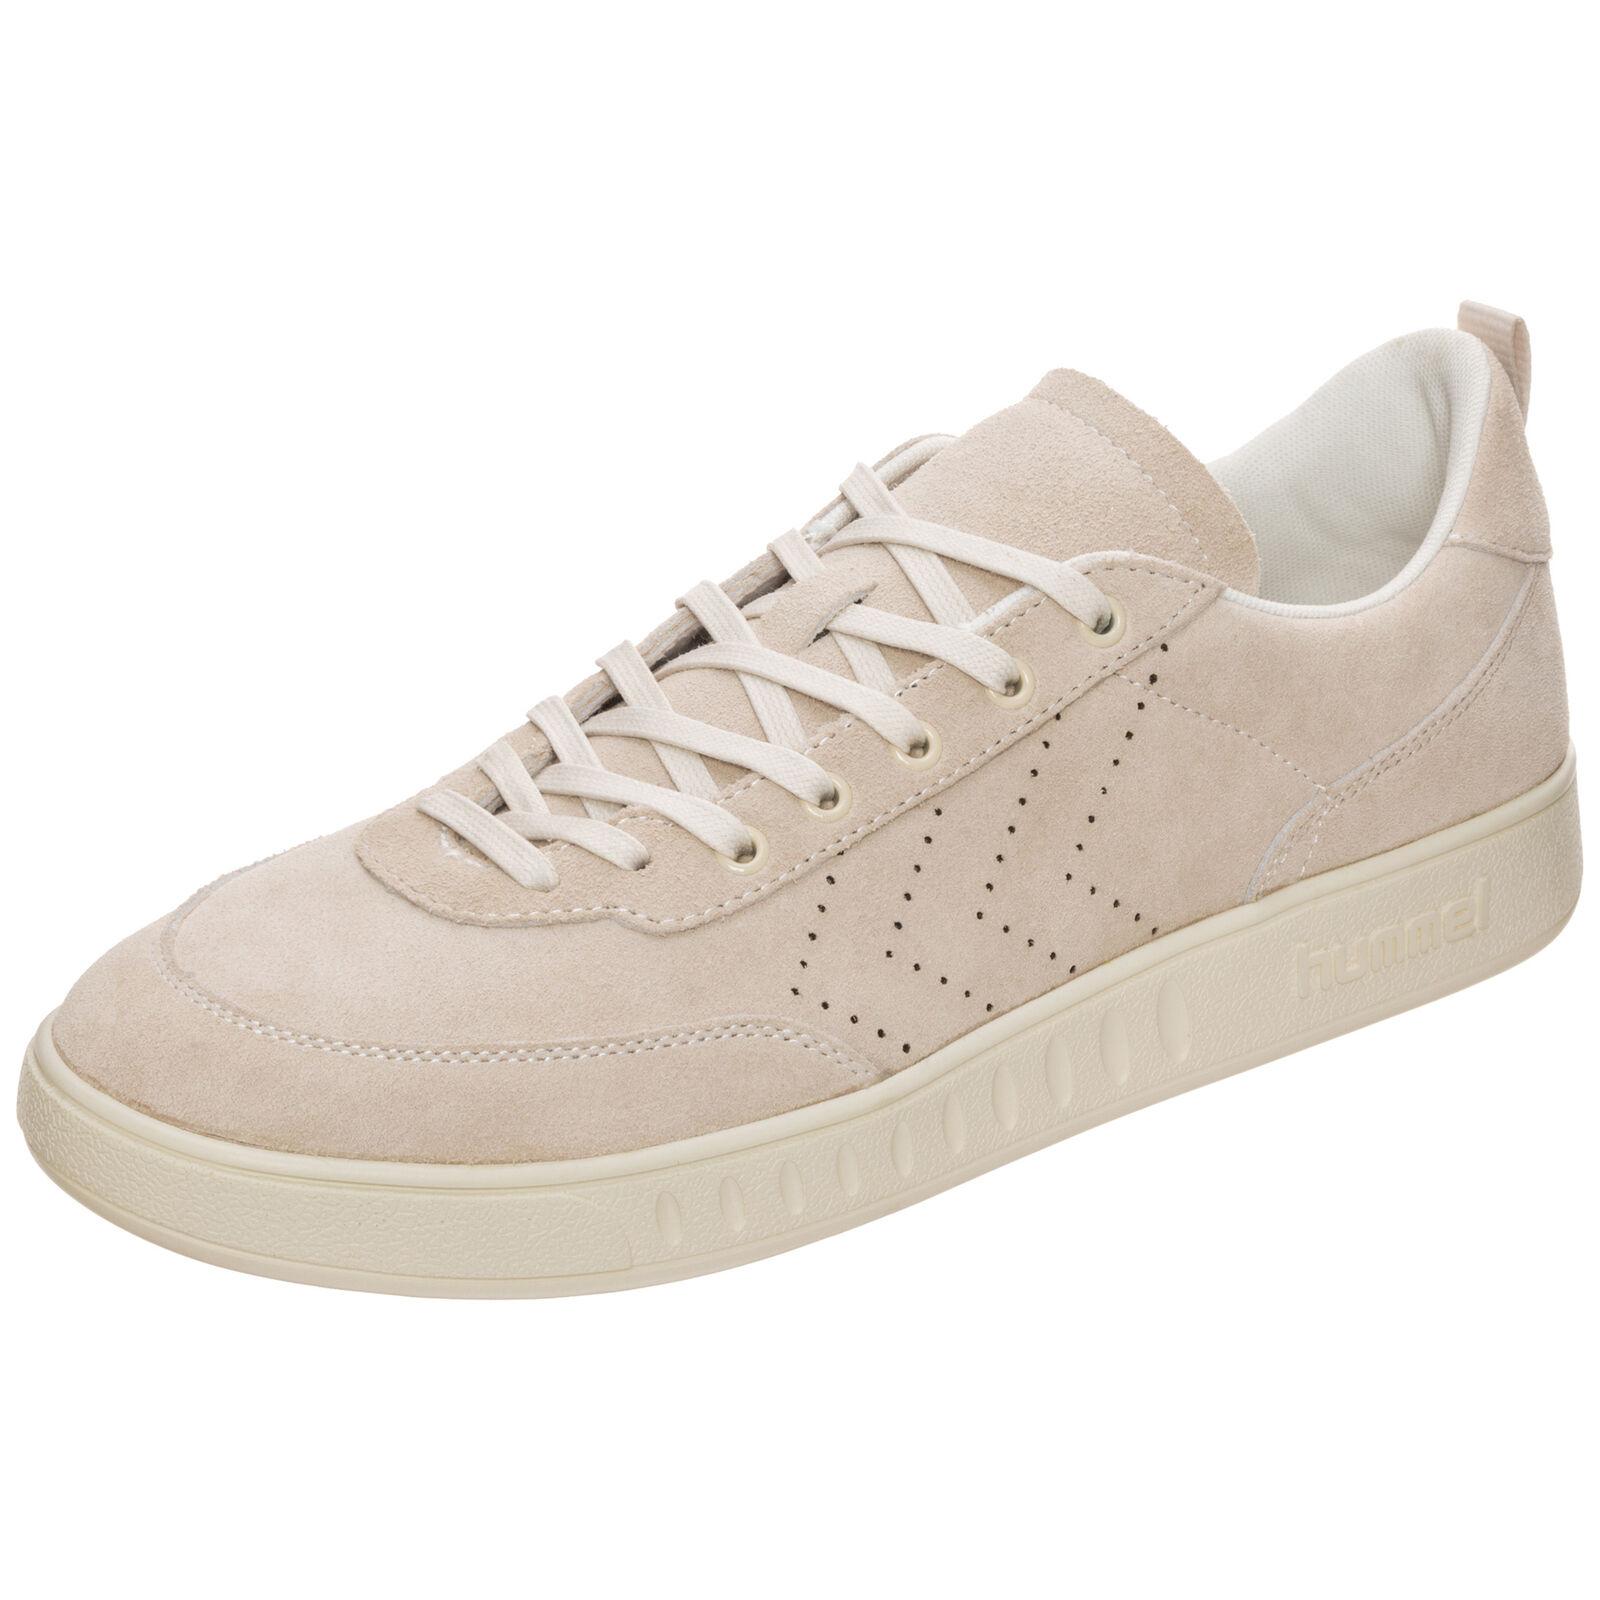 Hummel Super Trimm Casual Sneaker Beige NEU Schuhe Turnschuhe